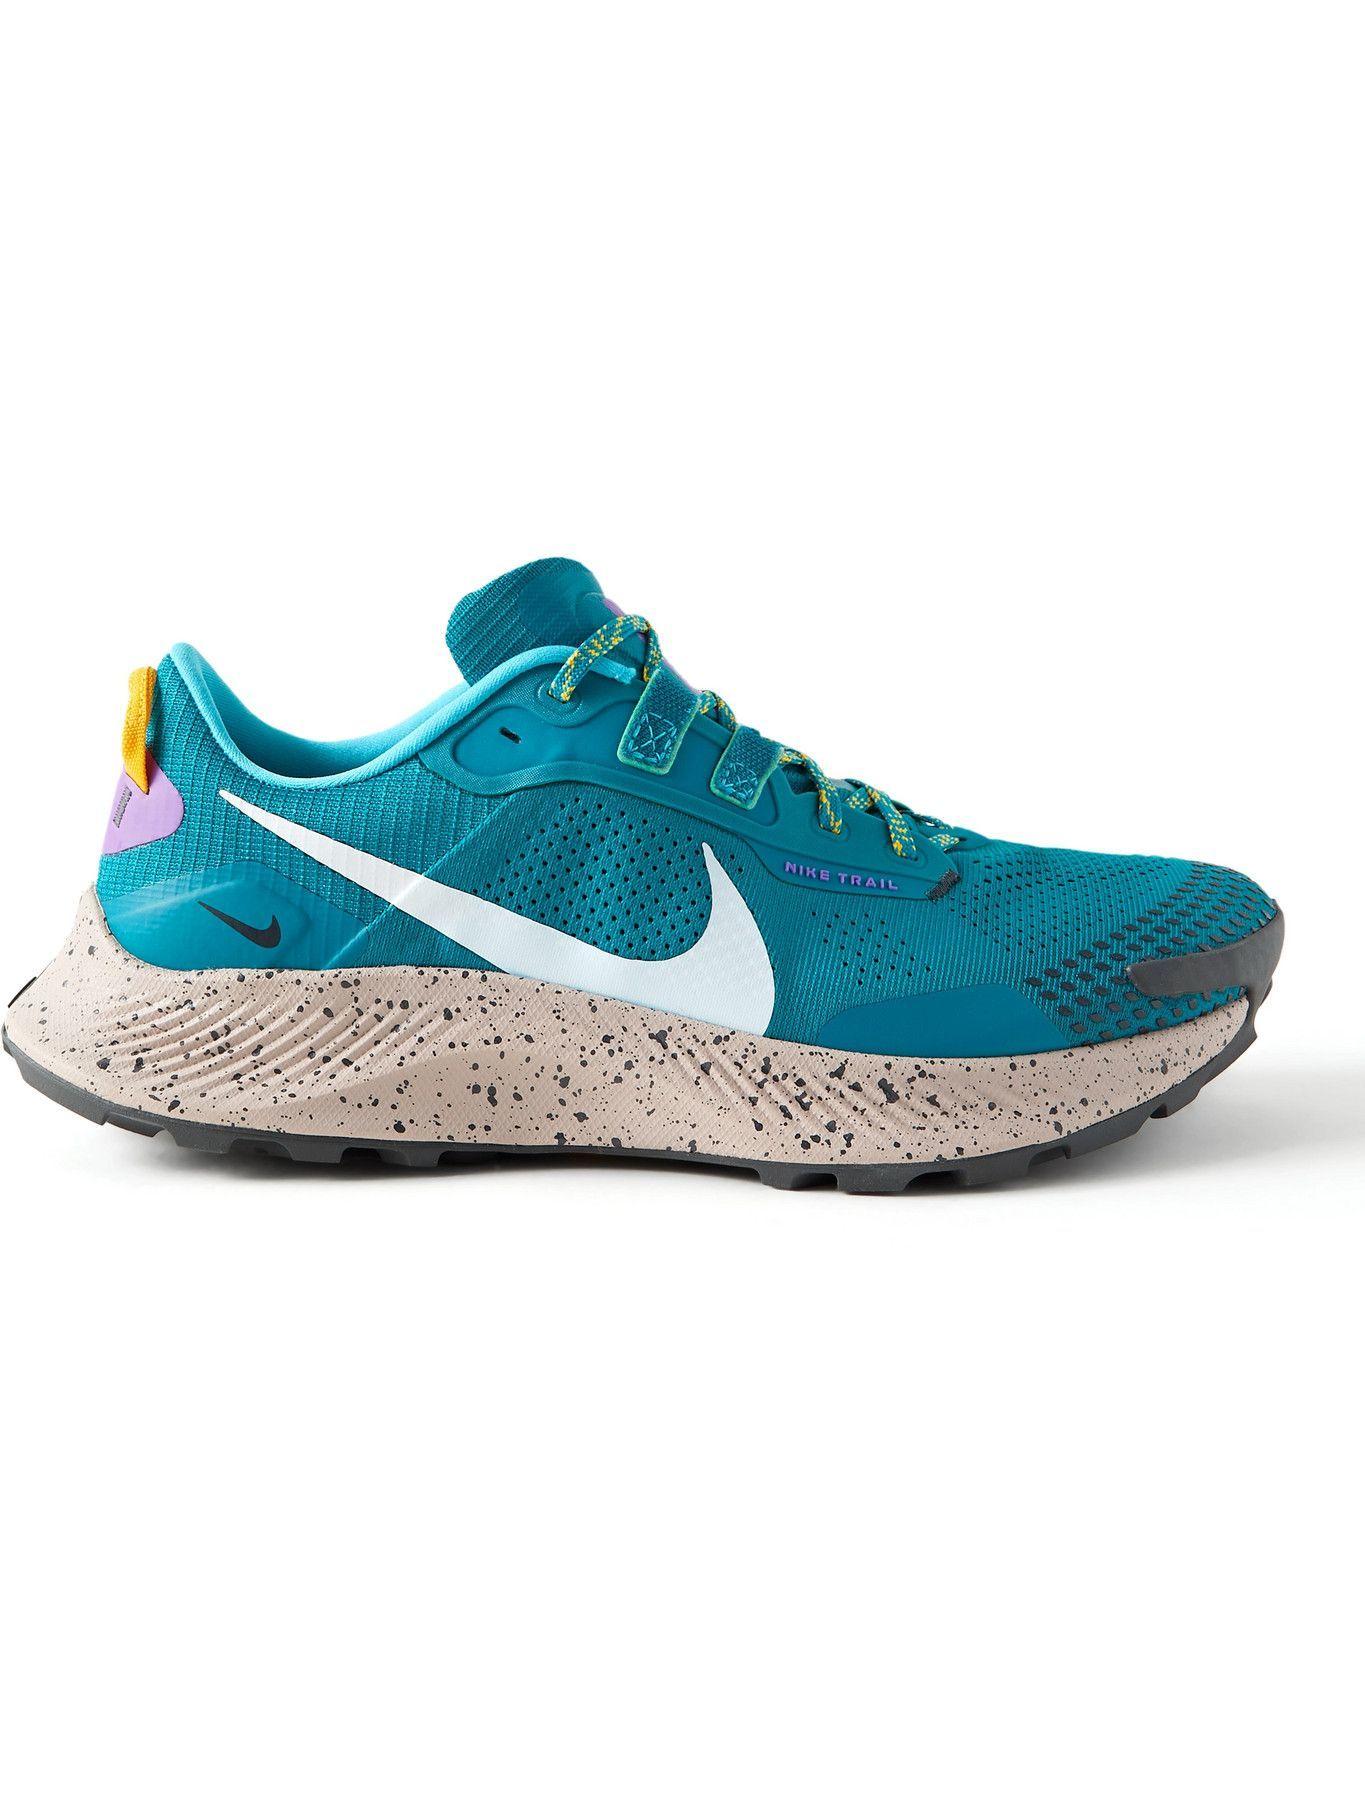 Photo: NIKE RUNNING - Pegasus 3 Mesh Trail Running Sneakers - Blue